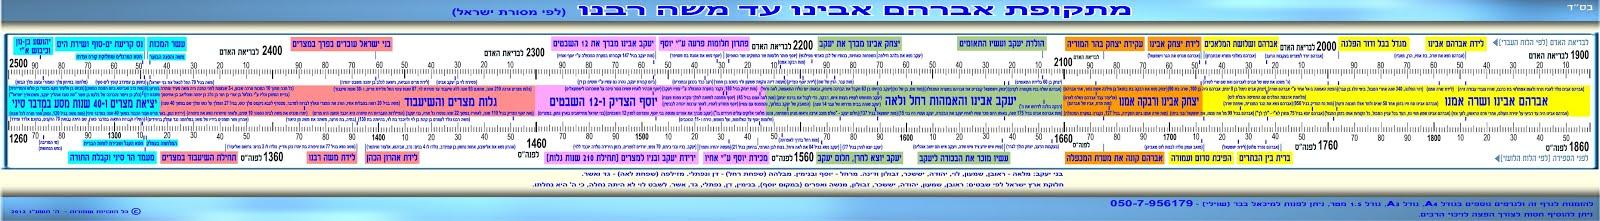 מתקופת אברהם אבינו עד משה רבנו (לפי מסורת ישראל)